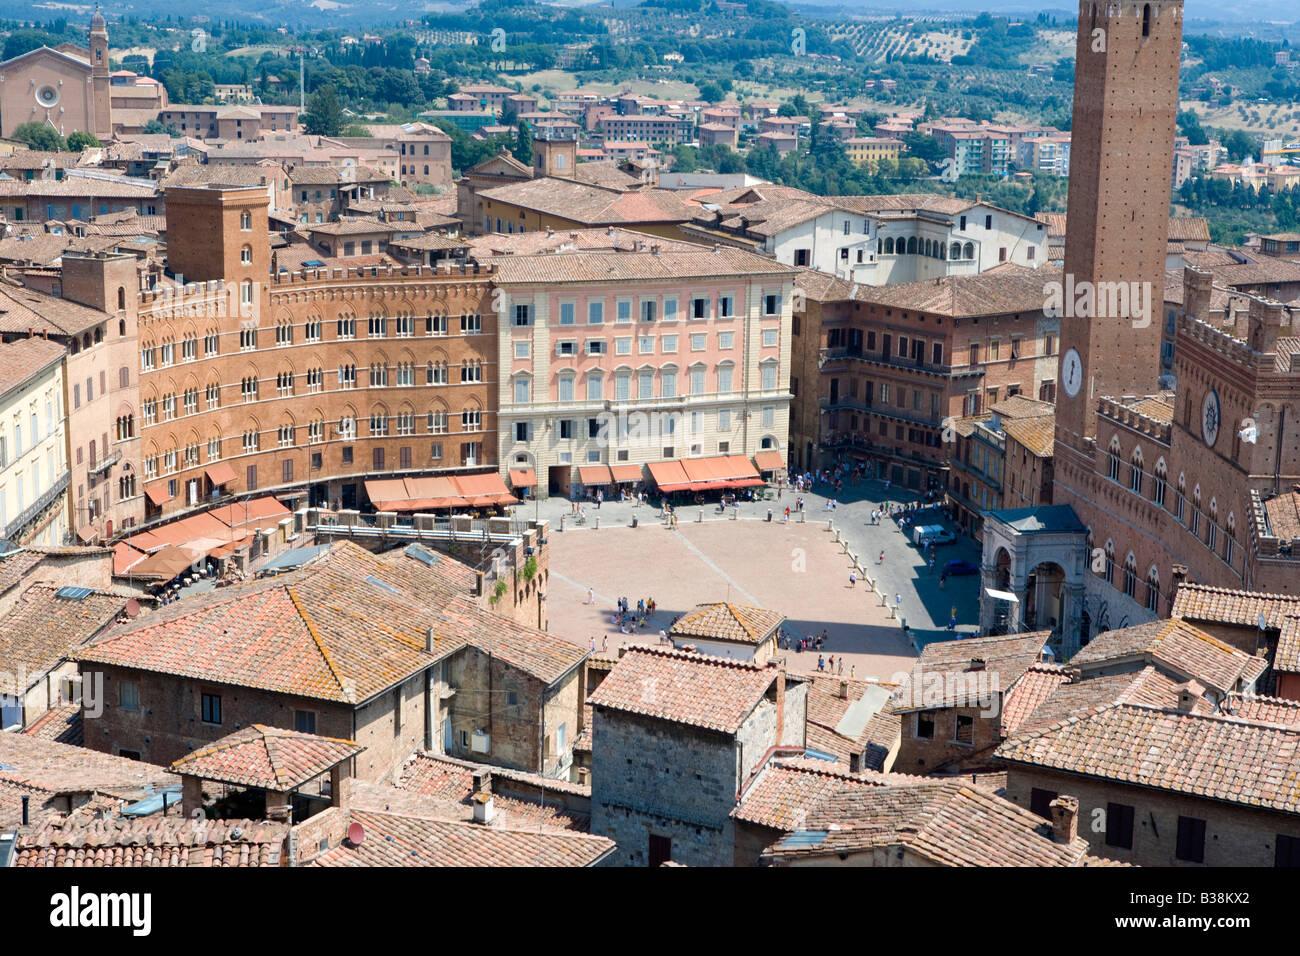 The Campo Siena Tuscany Italy - Stock Image